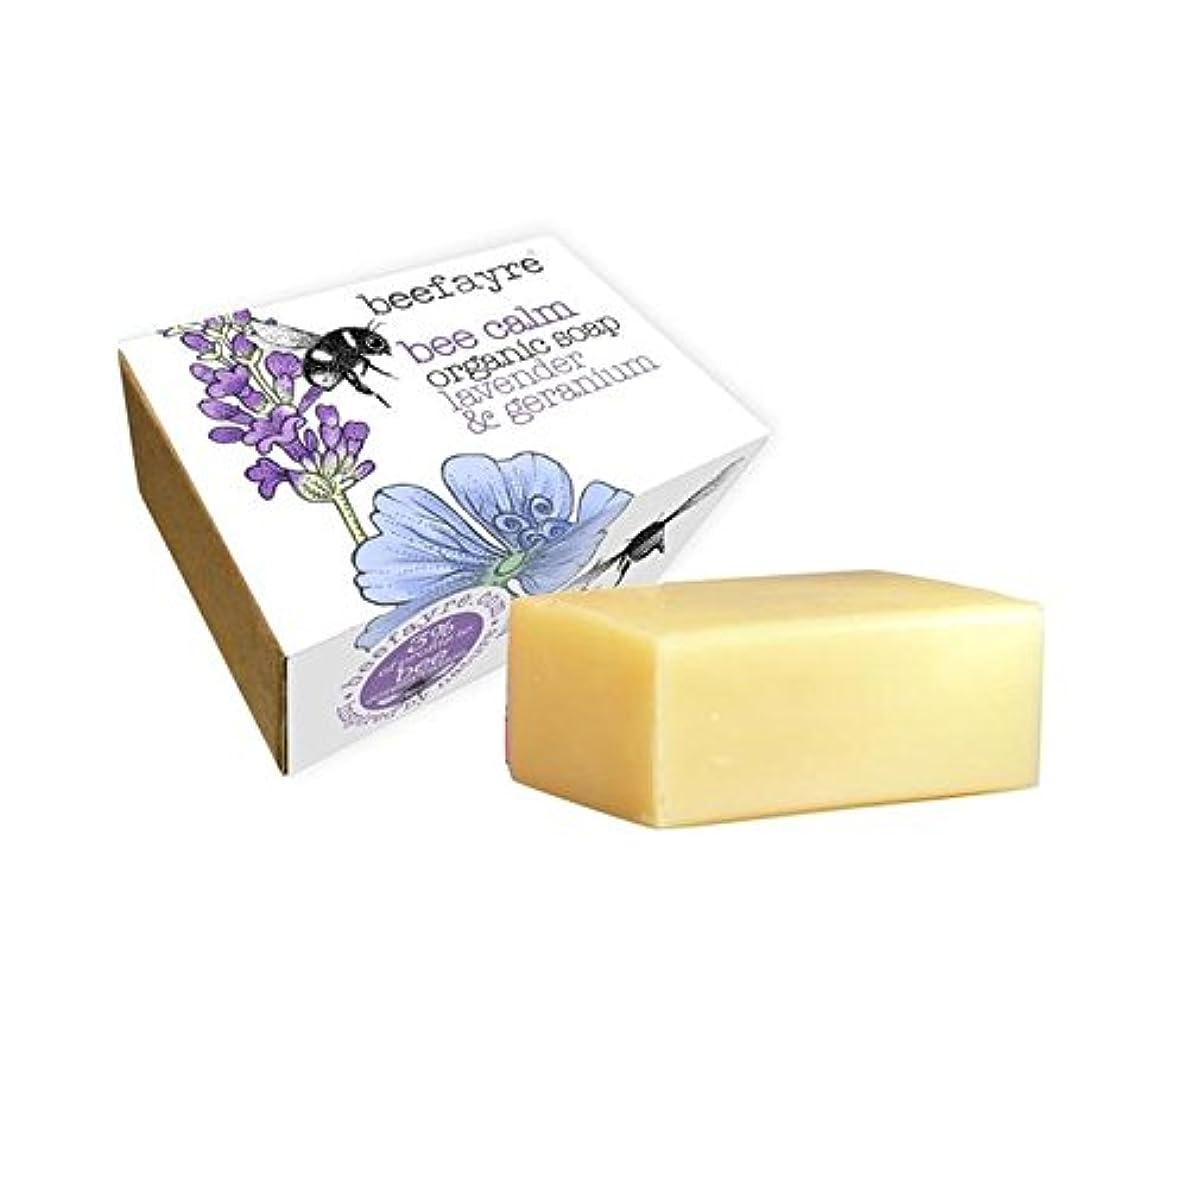 きらめきむさぼり食う複製有機ゼラニウム&ラベンダー石鹸 x4 - Beefayre Organic Geranium & Lavender Soap (Pack of 4) [並行輸入品]